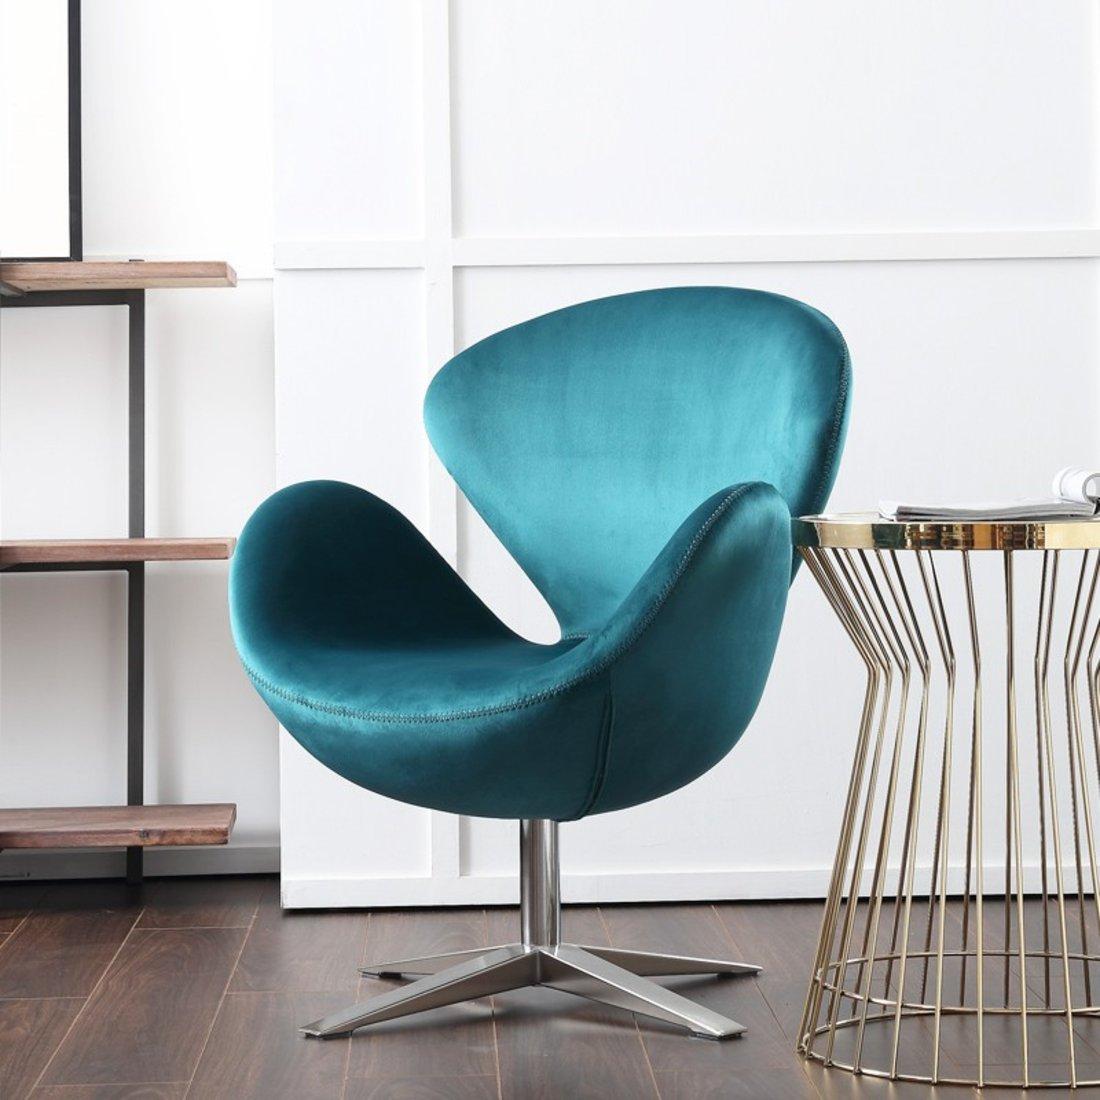 「蛋壳椅」360°旋转式金属蛋椅